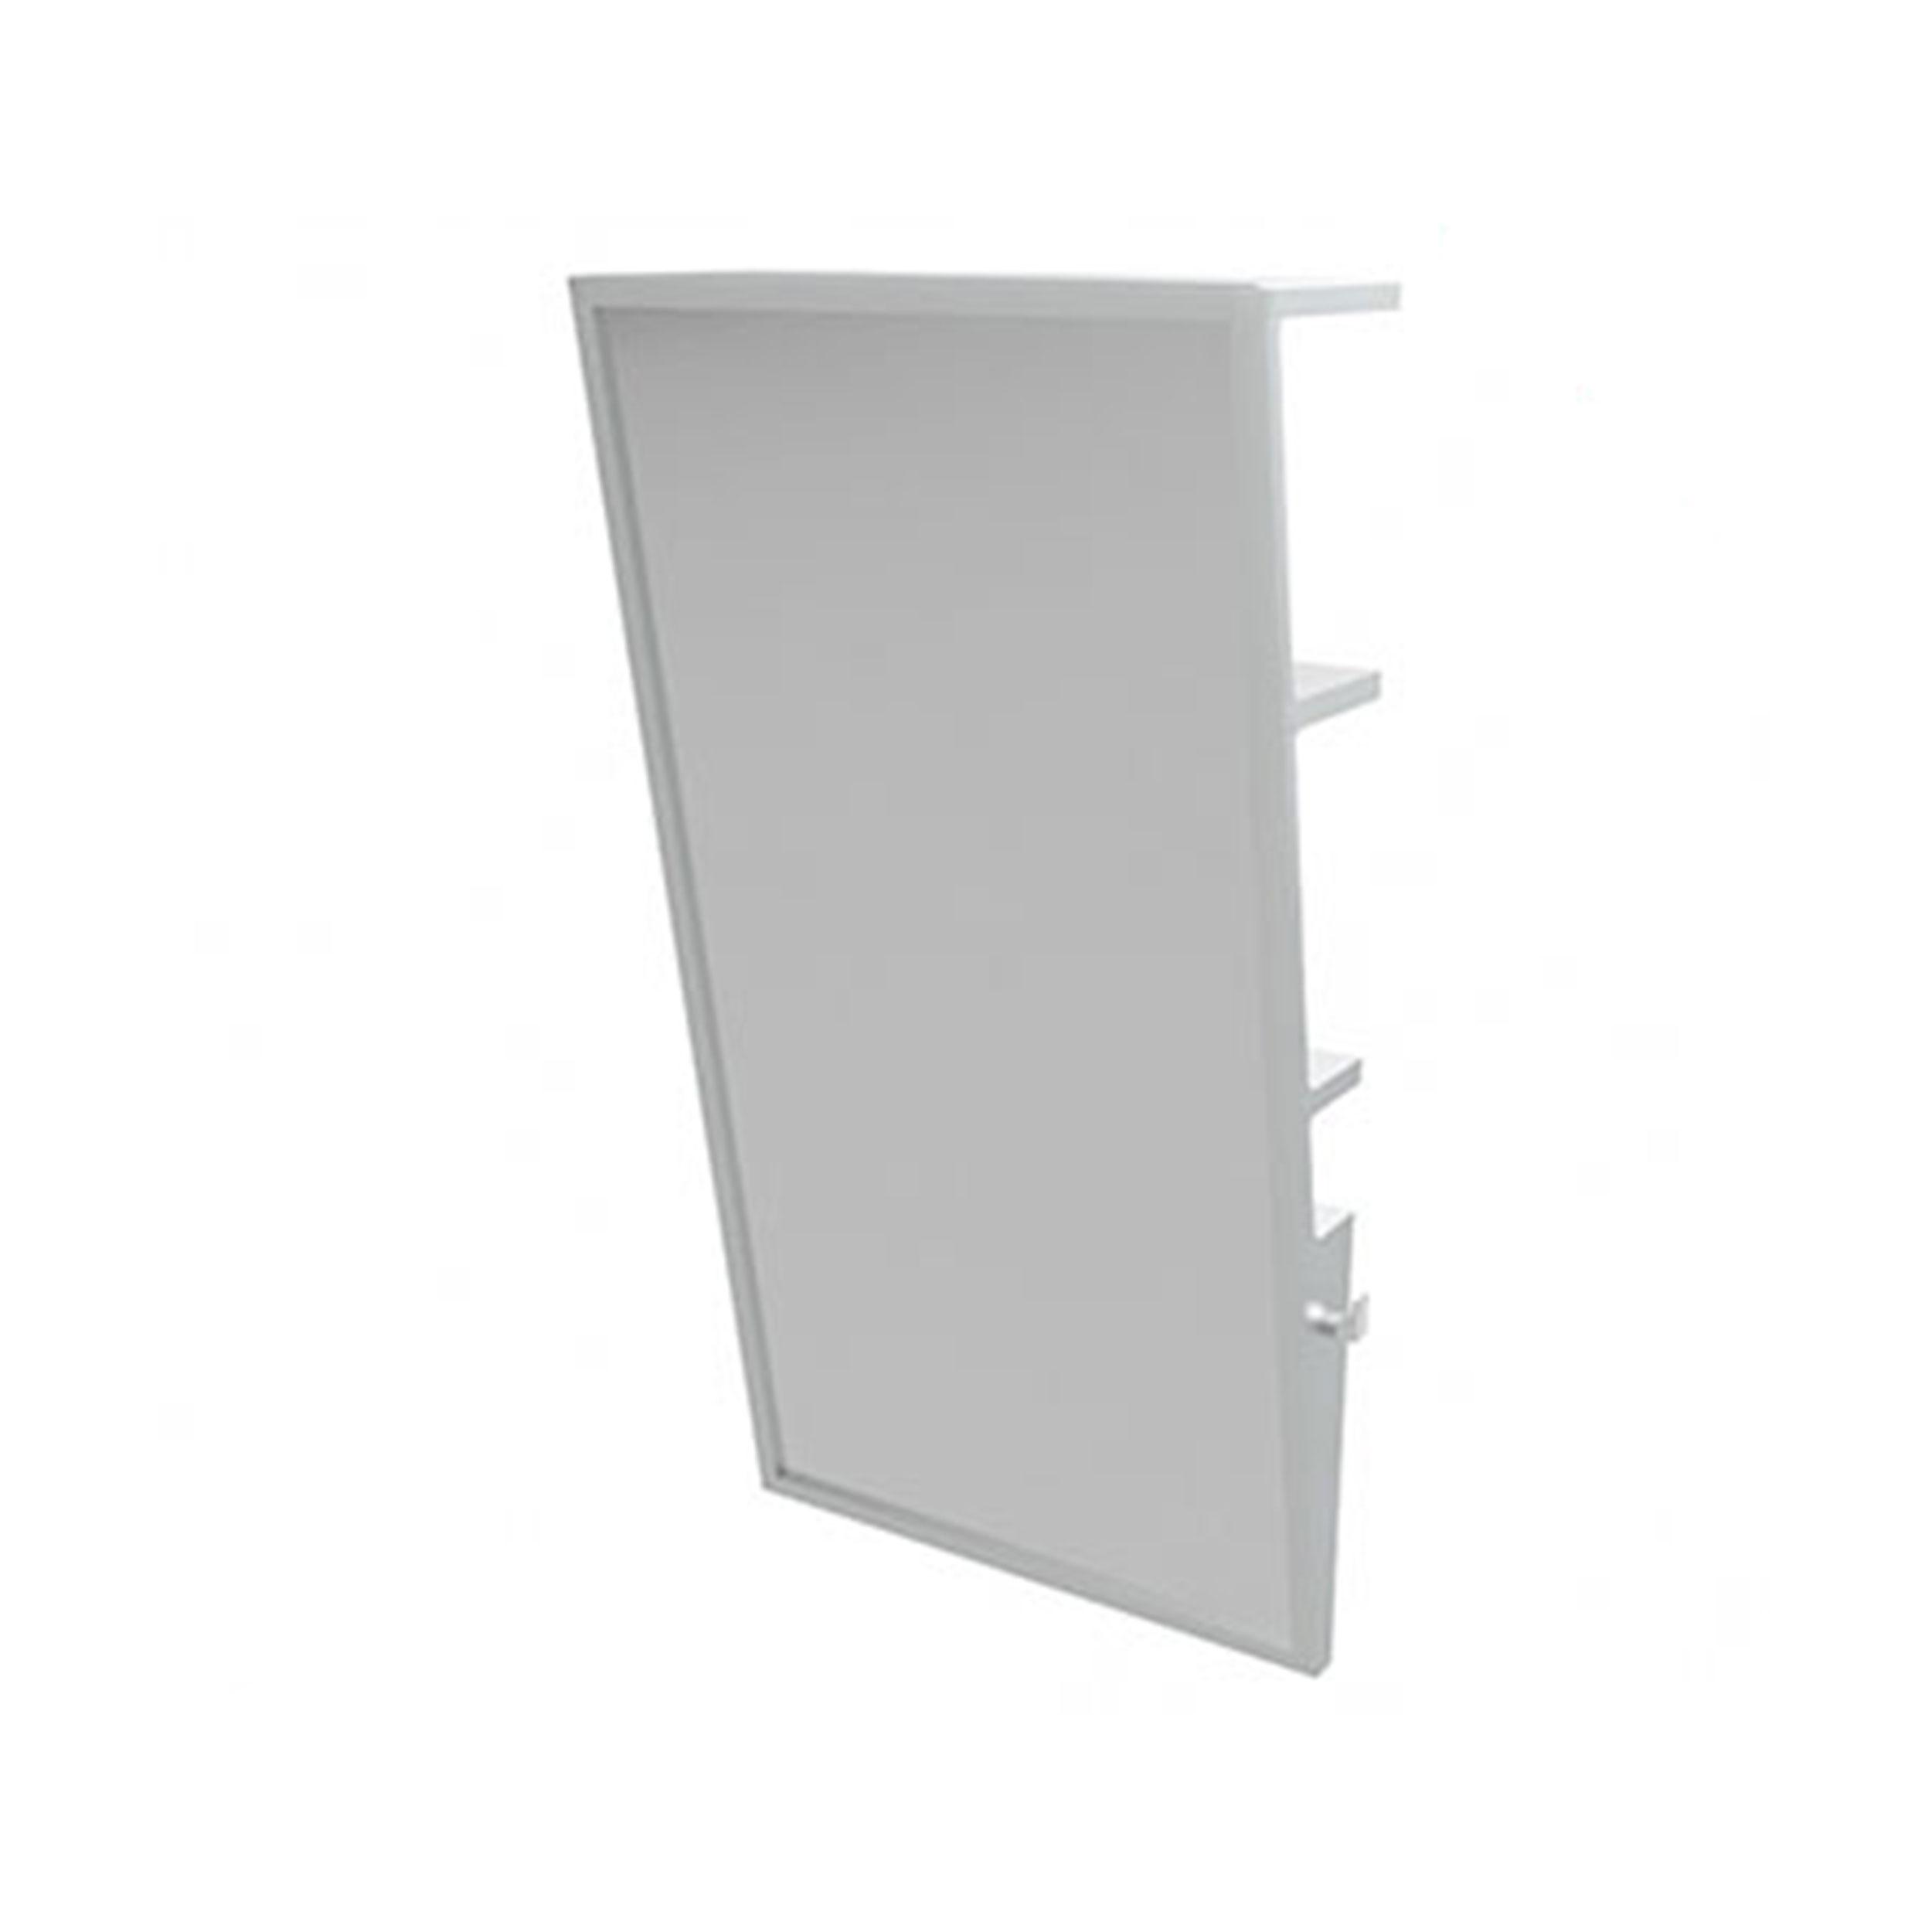 COTTO กระจกเงามุม 10 องศา (คอตโต้) MZ901#WH (สีขาว)